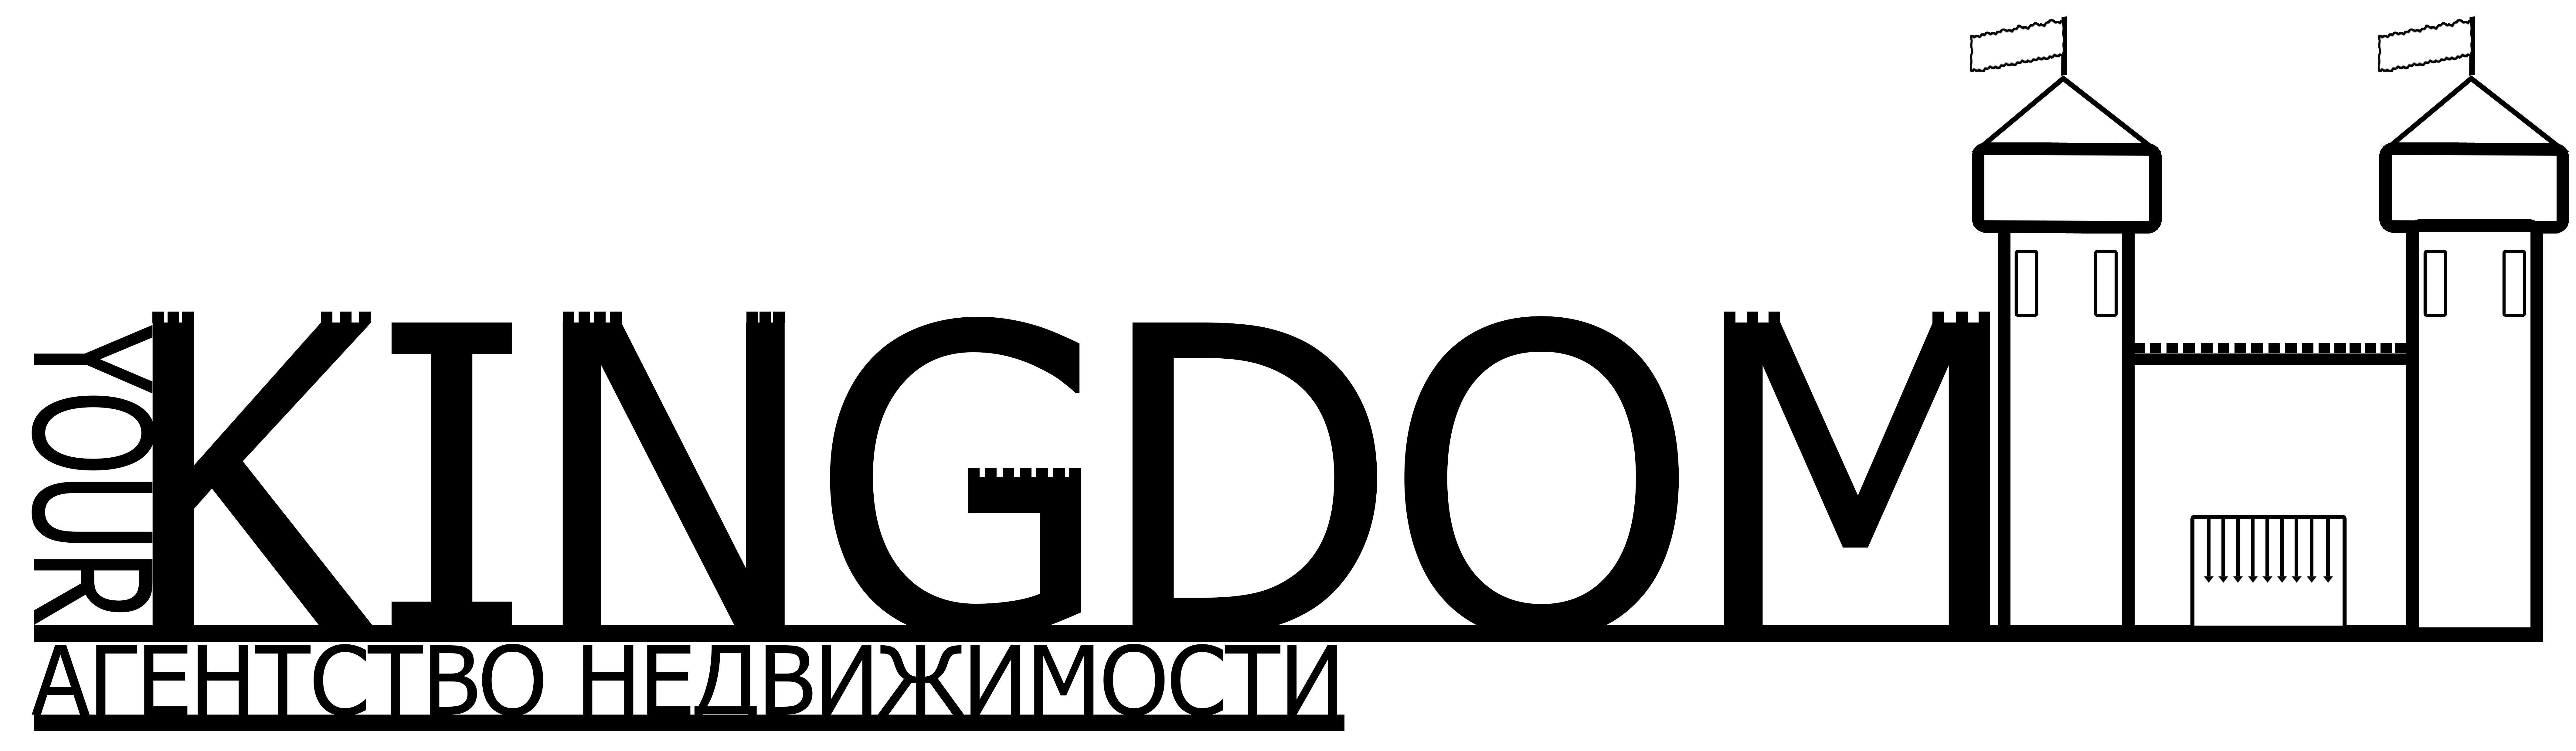 Ваше королевство, Агентство недвижимости логотип